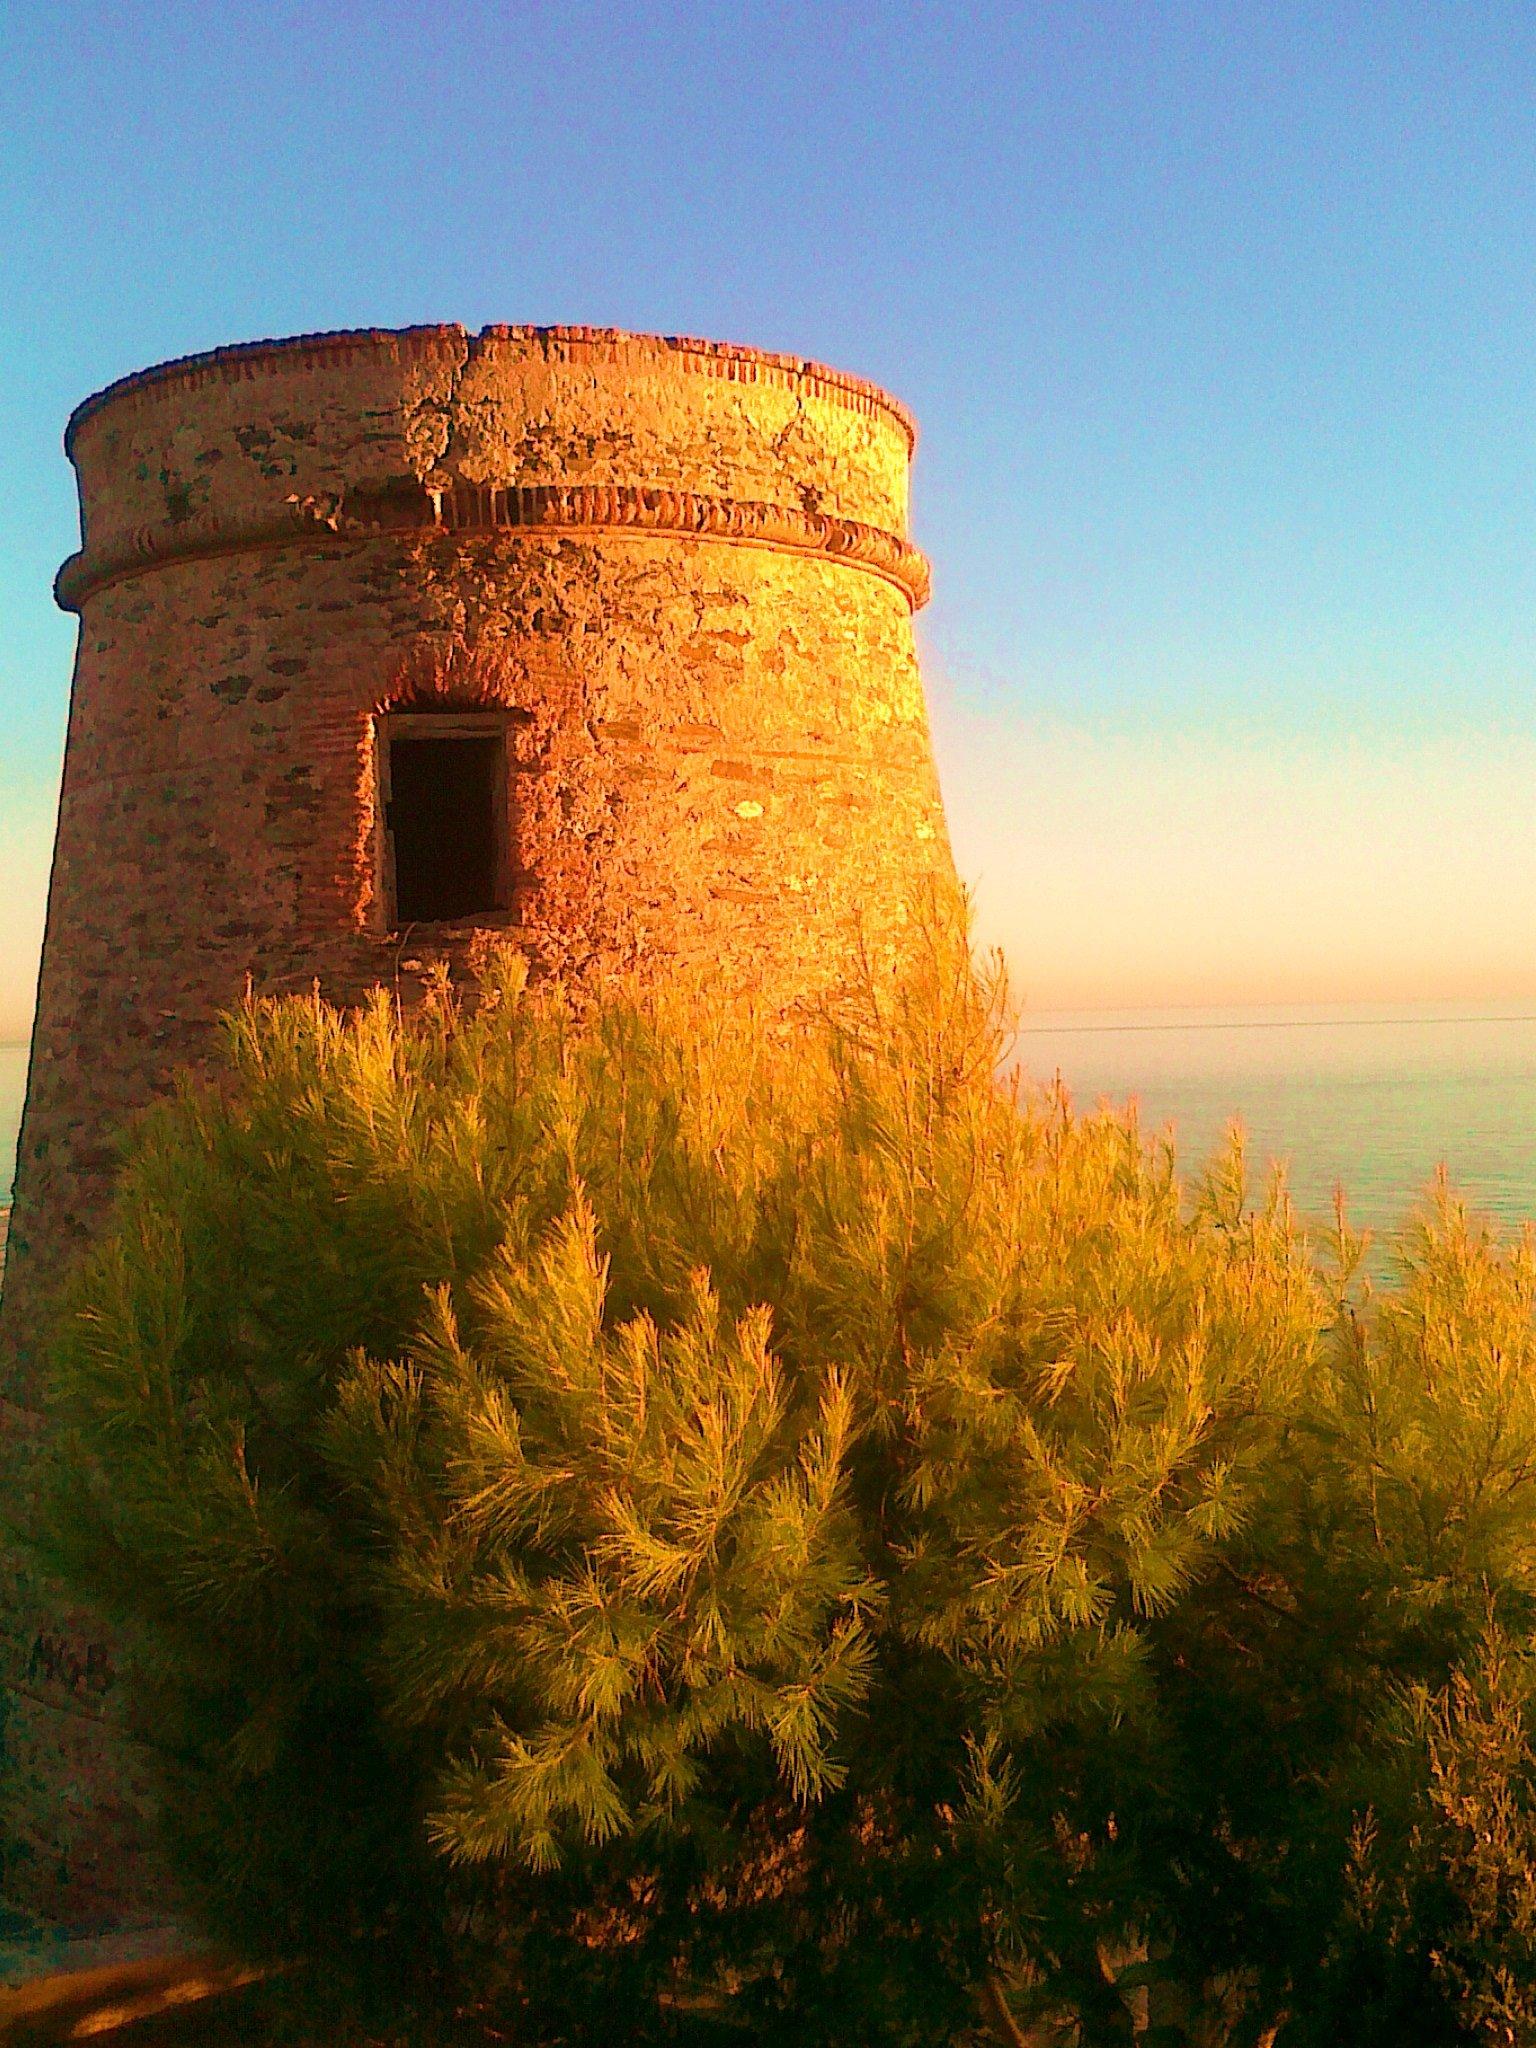 Castillo de La Rábita